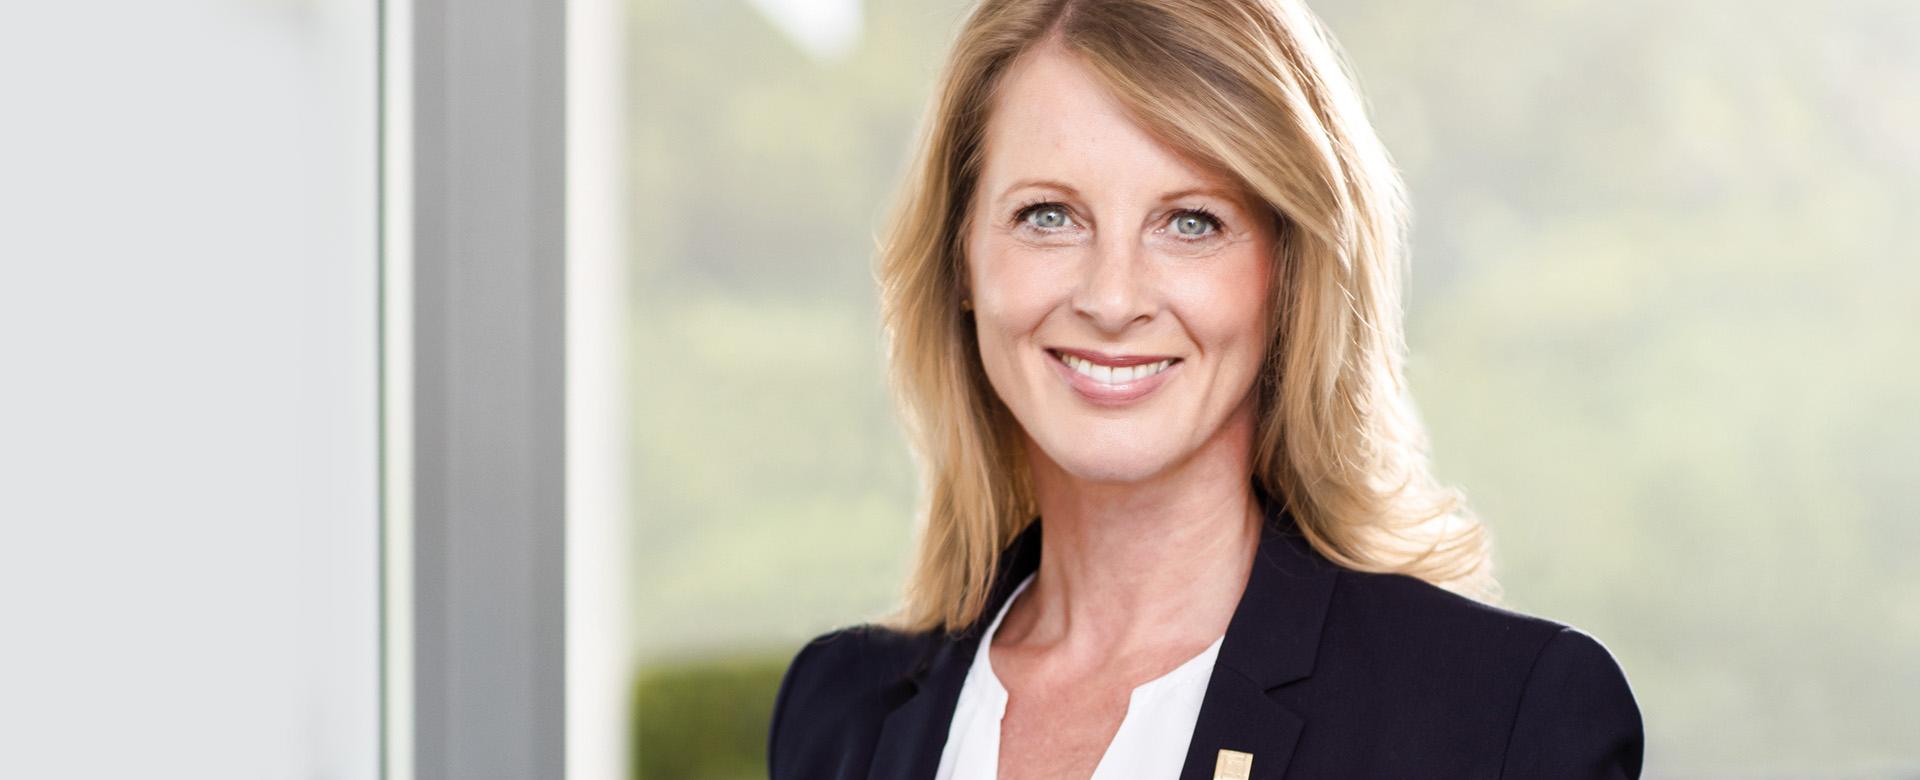 Vorstand der TELIS-Unternehmensgruppe verstärkt: Dr. Stefanie Alt ab 1. Januar 2019 in der Geschäftsleitung